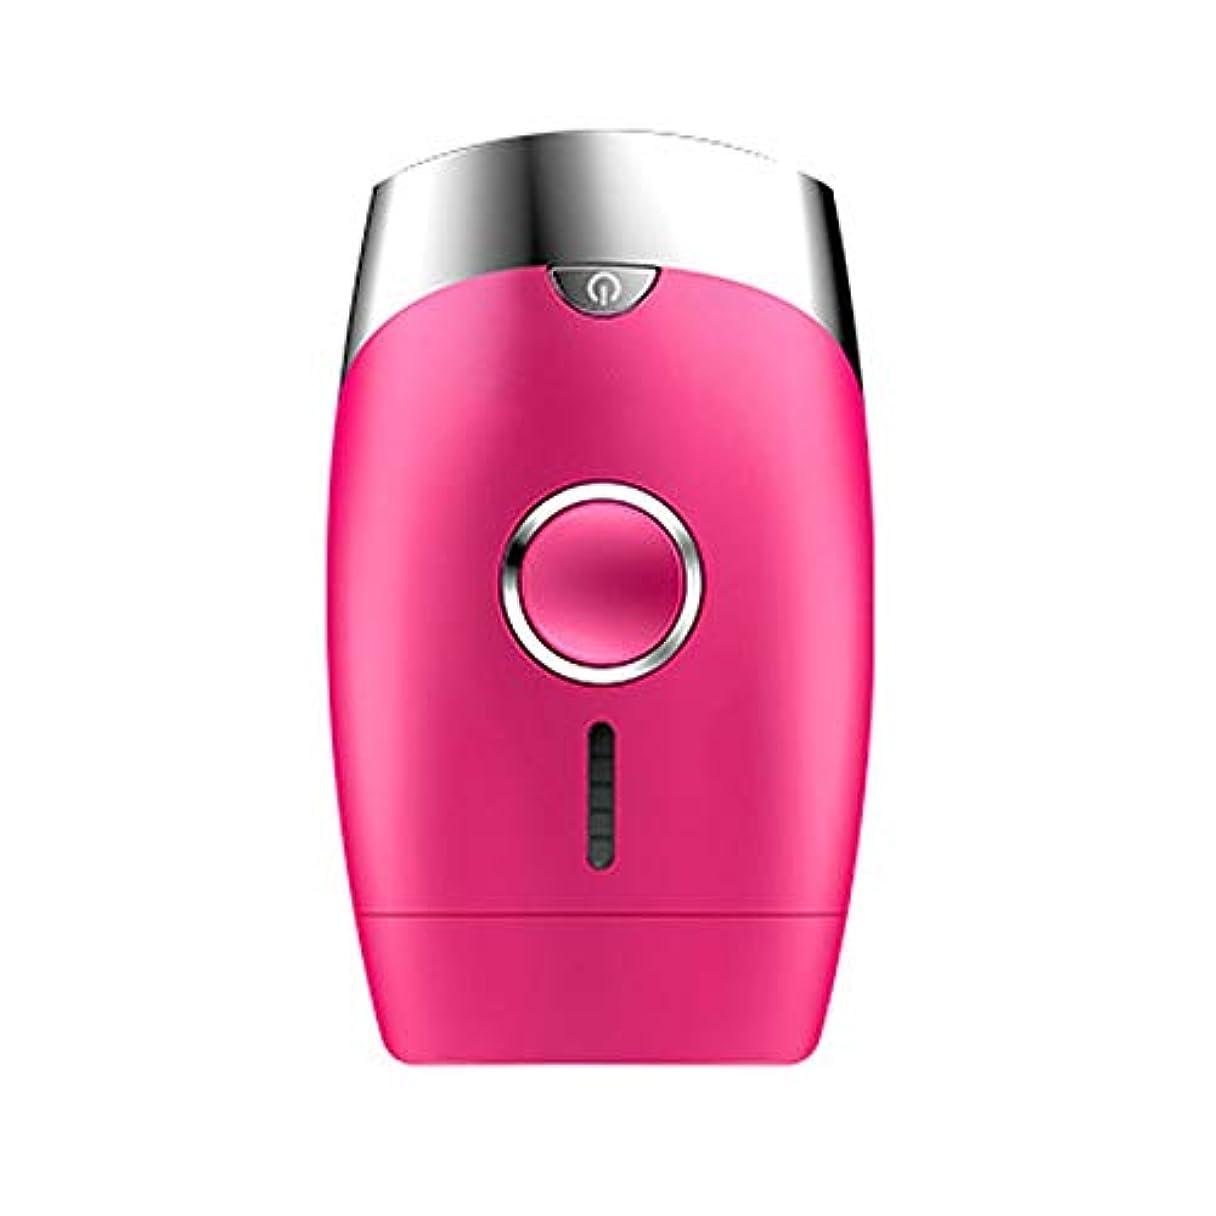 頭蓋骨成功脱走ピンク、5スピード調整、インテリジェント家庭用痛みのない凝固点ヘアリムーバー、シングルフラッシュ/連続フラッシュ、サイズ13.9 X 8.3 X 4.8 Cm 効果が良い (Color : Pink)